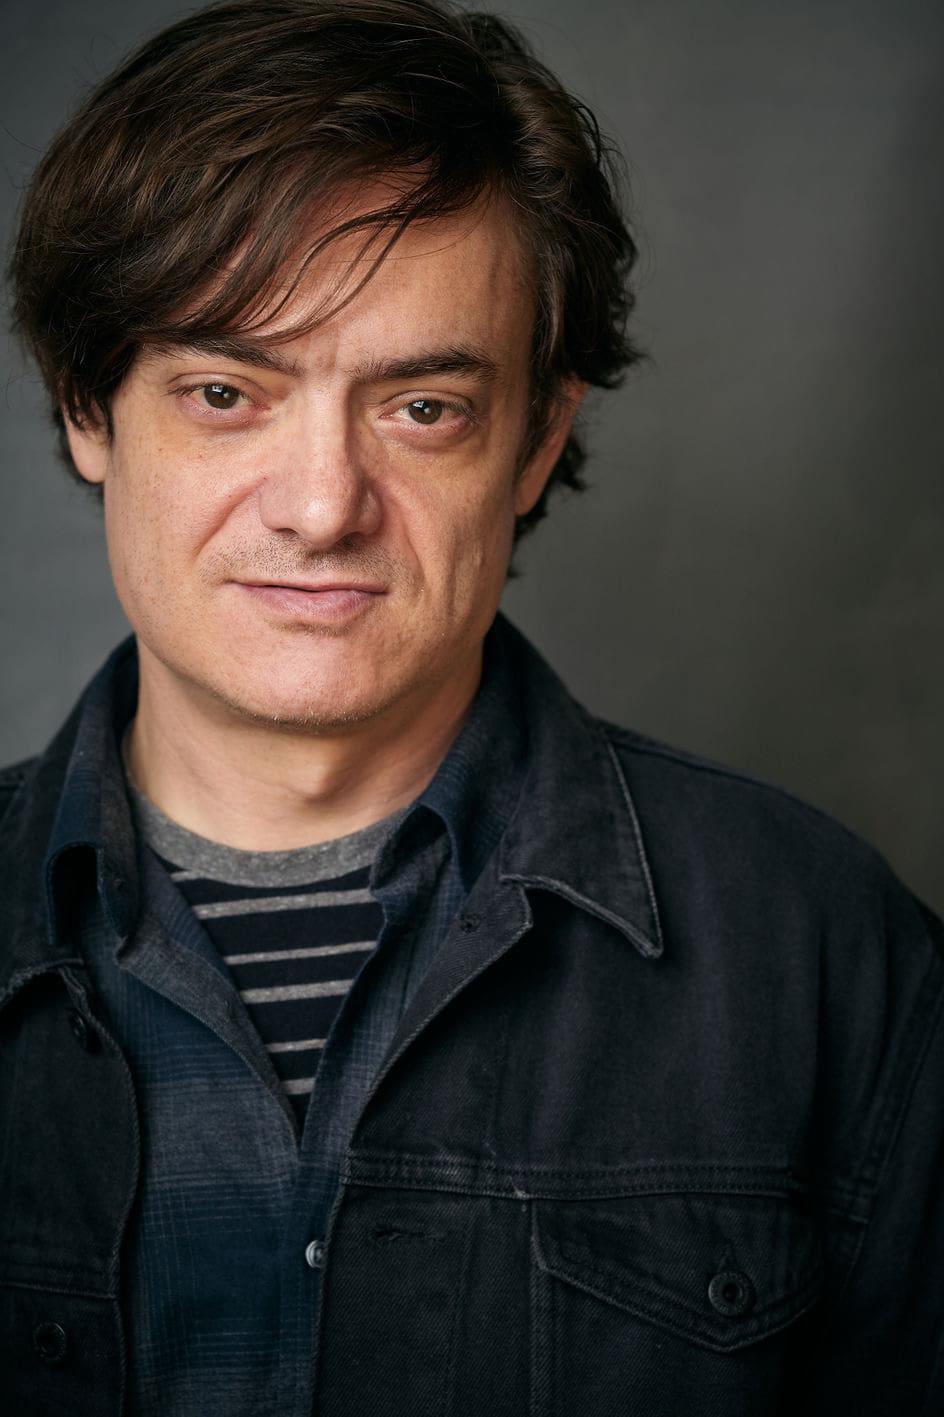 Todd Giebenhain